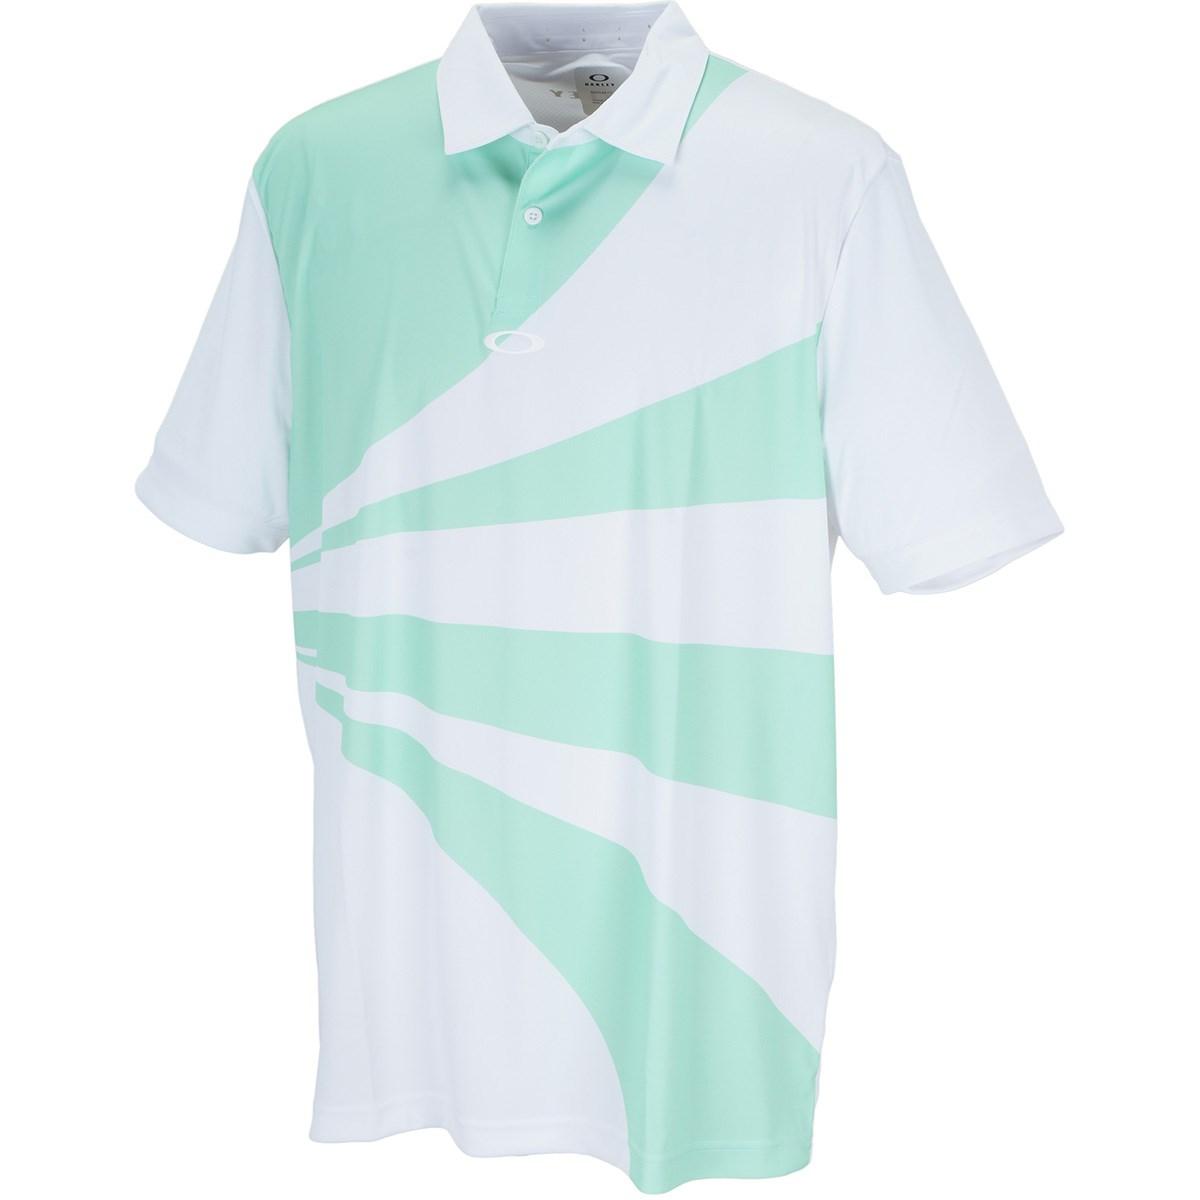 オークリー(OAKLEY) GEOMETRIC SWING 半袖ポロシャツ